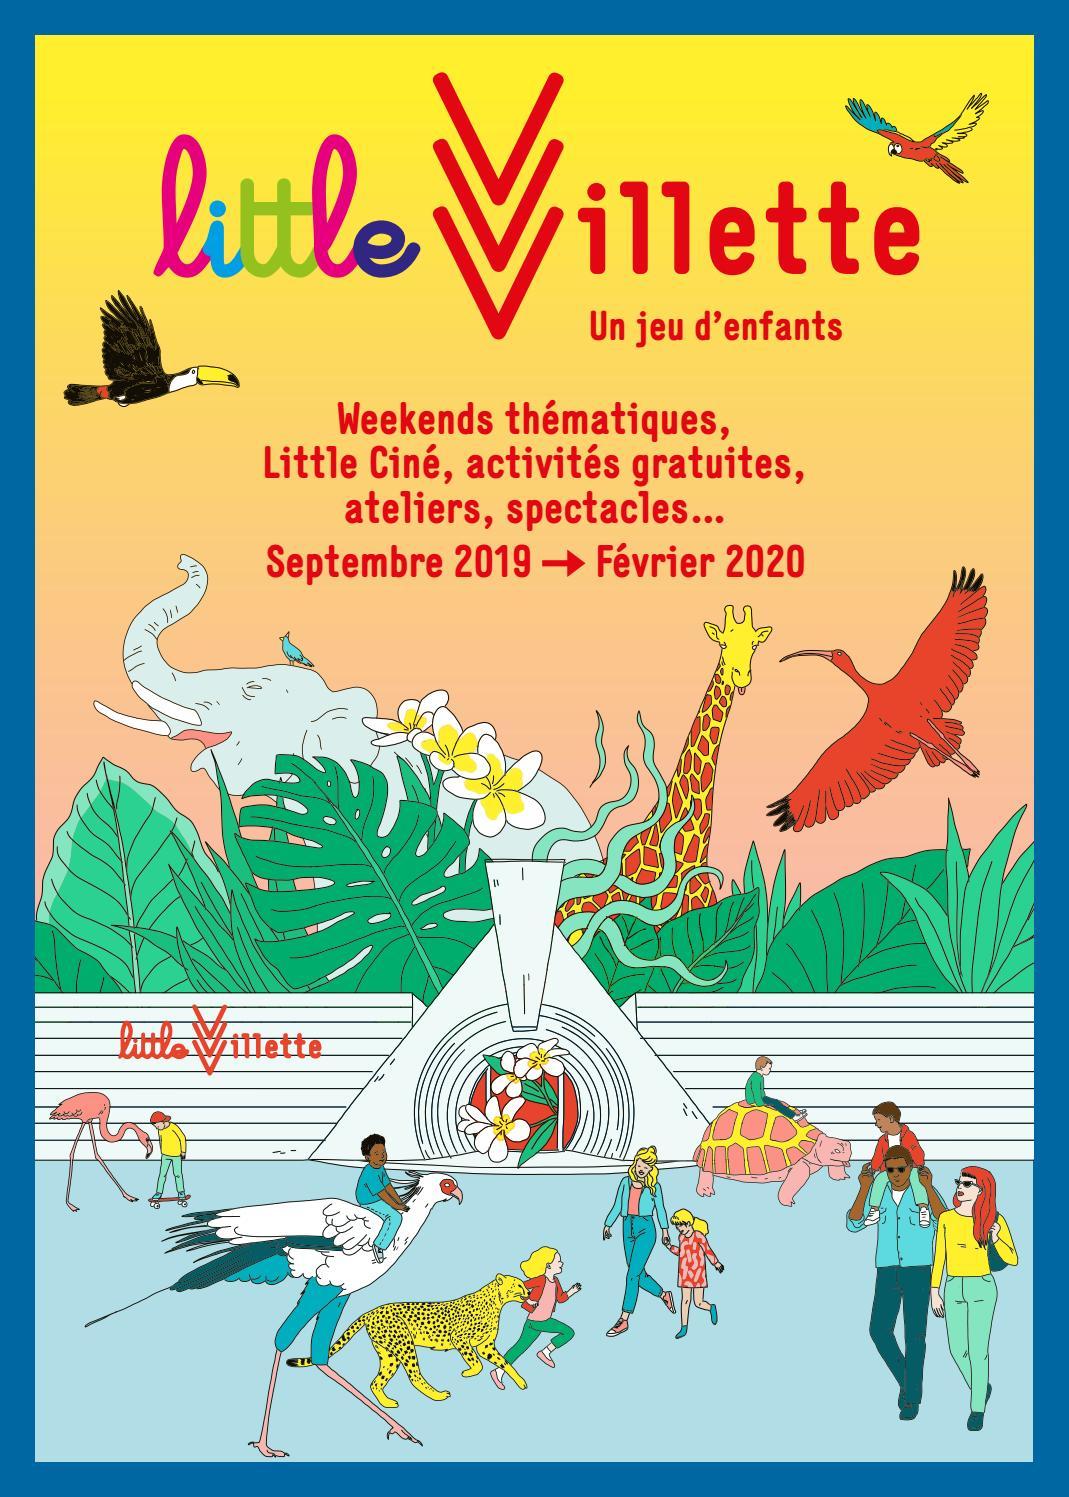 09.19-02.20 • Weekends Thématiques, Little Ciné, Activités à Jeux De Billes Gratuits